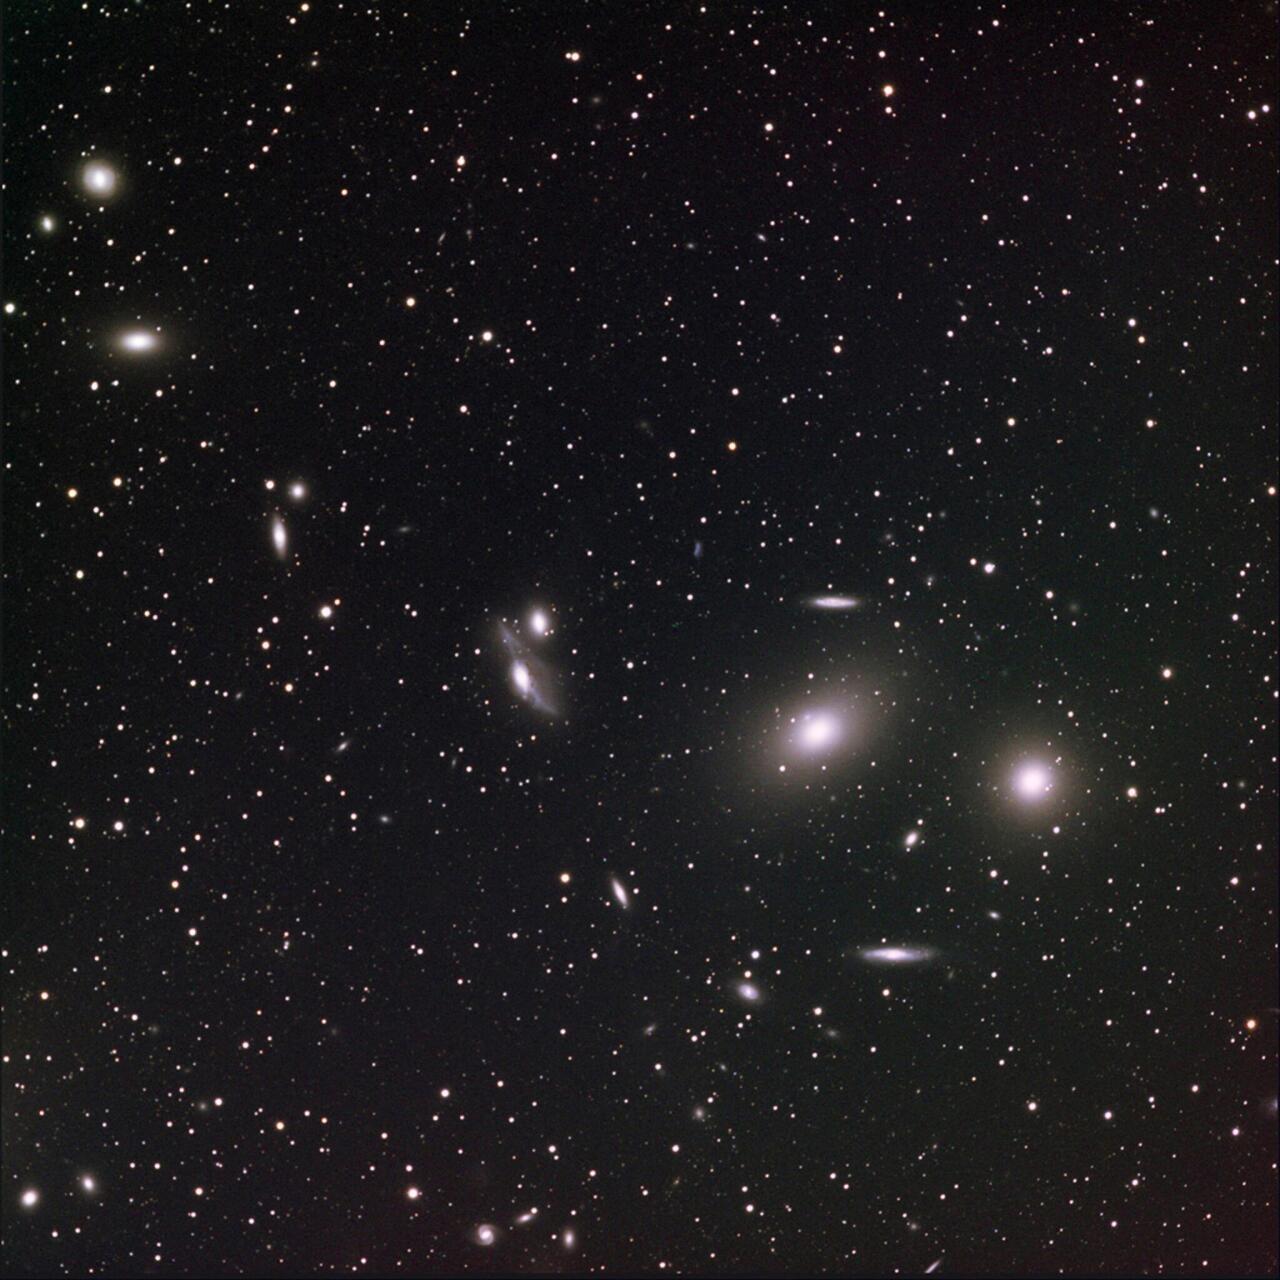 """Virgo multzoaren zentroan Markarianen kateko galaxiak kokatzen dira. Horietako zazpik talde dinamiko bat osatzen dute, eta besteak proiekzioz agertzen bide dira kate horretan. Irudiaren zentroan, NGC4438 eta NGC4435 bikotea, """"begiak"""" izendatuak, elkarrekintza bortitzean dago, eta galaxien gasa, izarrak eta hautsa desorekatzen ditu. NGC4438, bikoteko handiena, gasa galtzen ari da, multzoaren gas beroaren talka-presioaren (<span style=""""font-style:italic"""">ram pressure</span>) eraginez ere"""